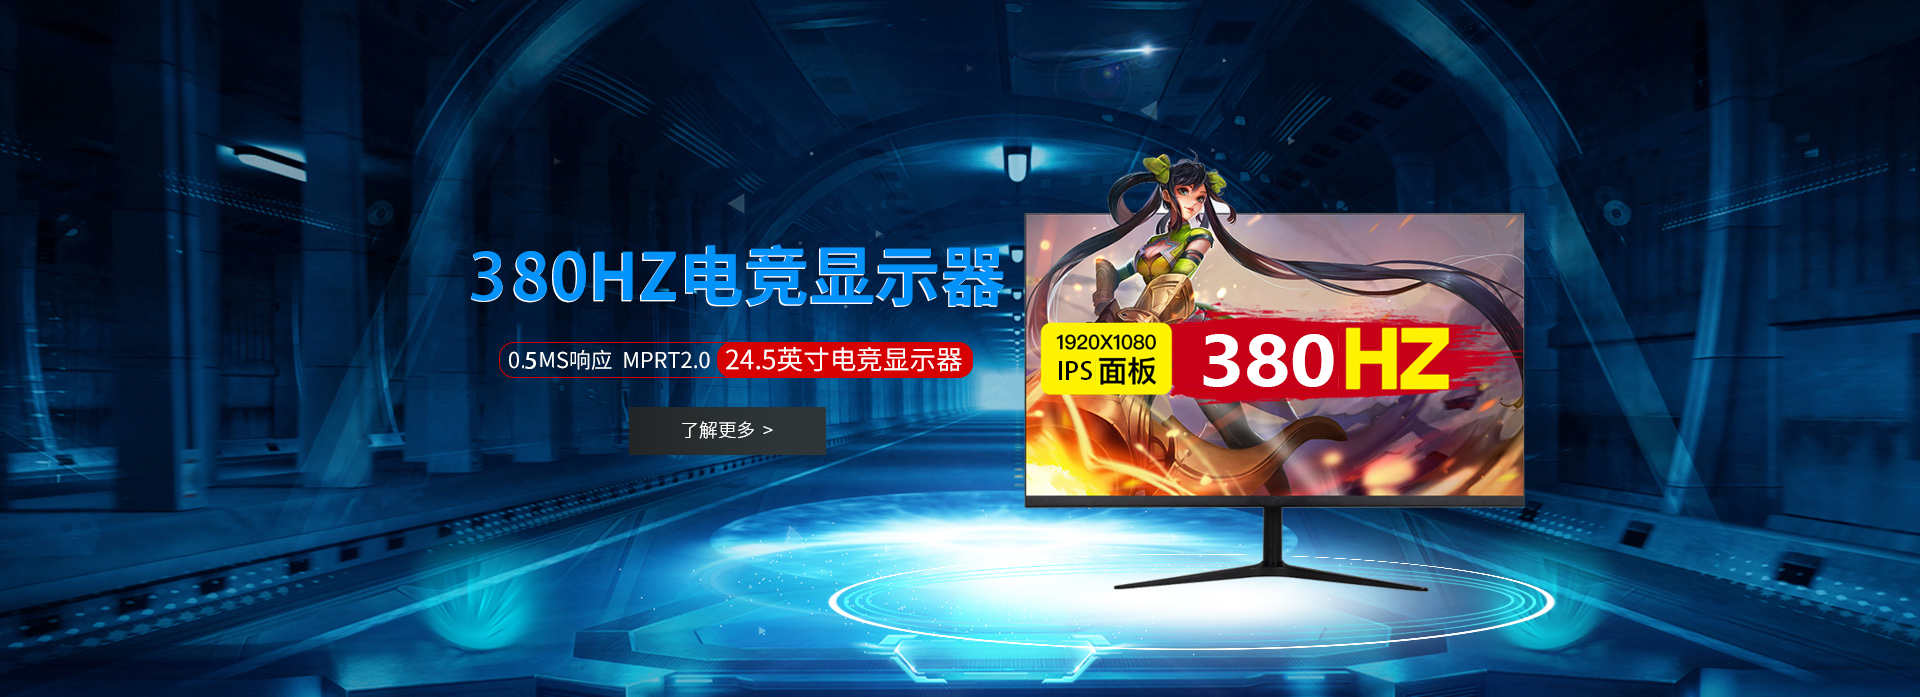 25寸400Hz 0.5ms IPS新电竞屏,支持G-Sync,HDR400,M250HAN03.2面板,外星人同款面板,最高亮度可达430nit!本站访客下单可享受直降200元的专属优惠!